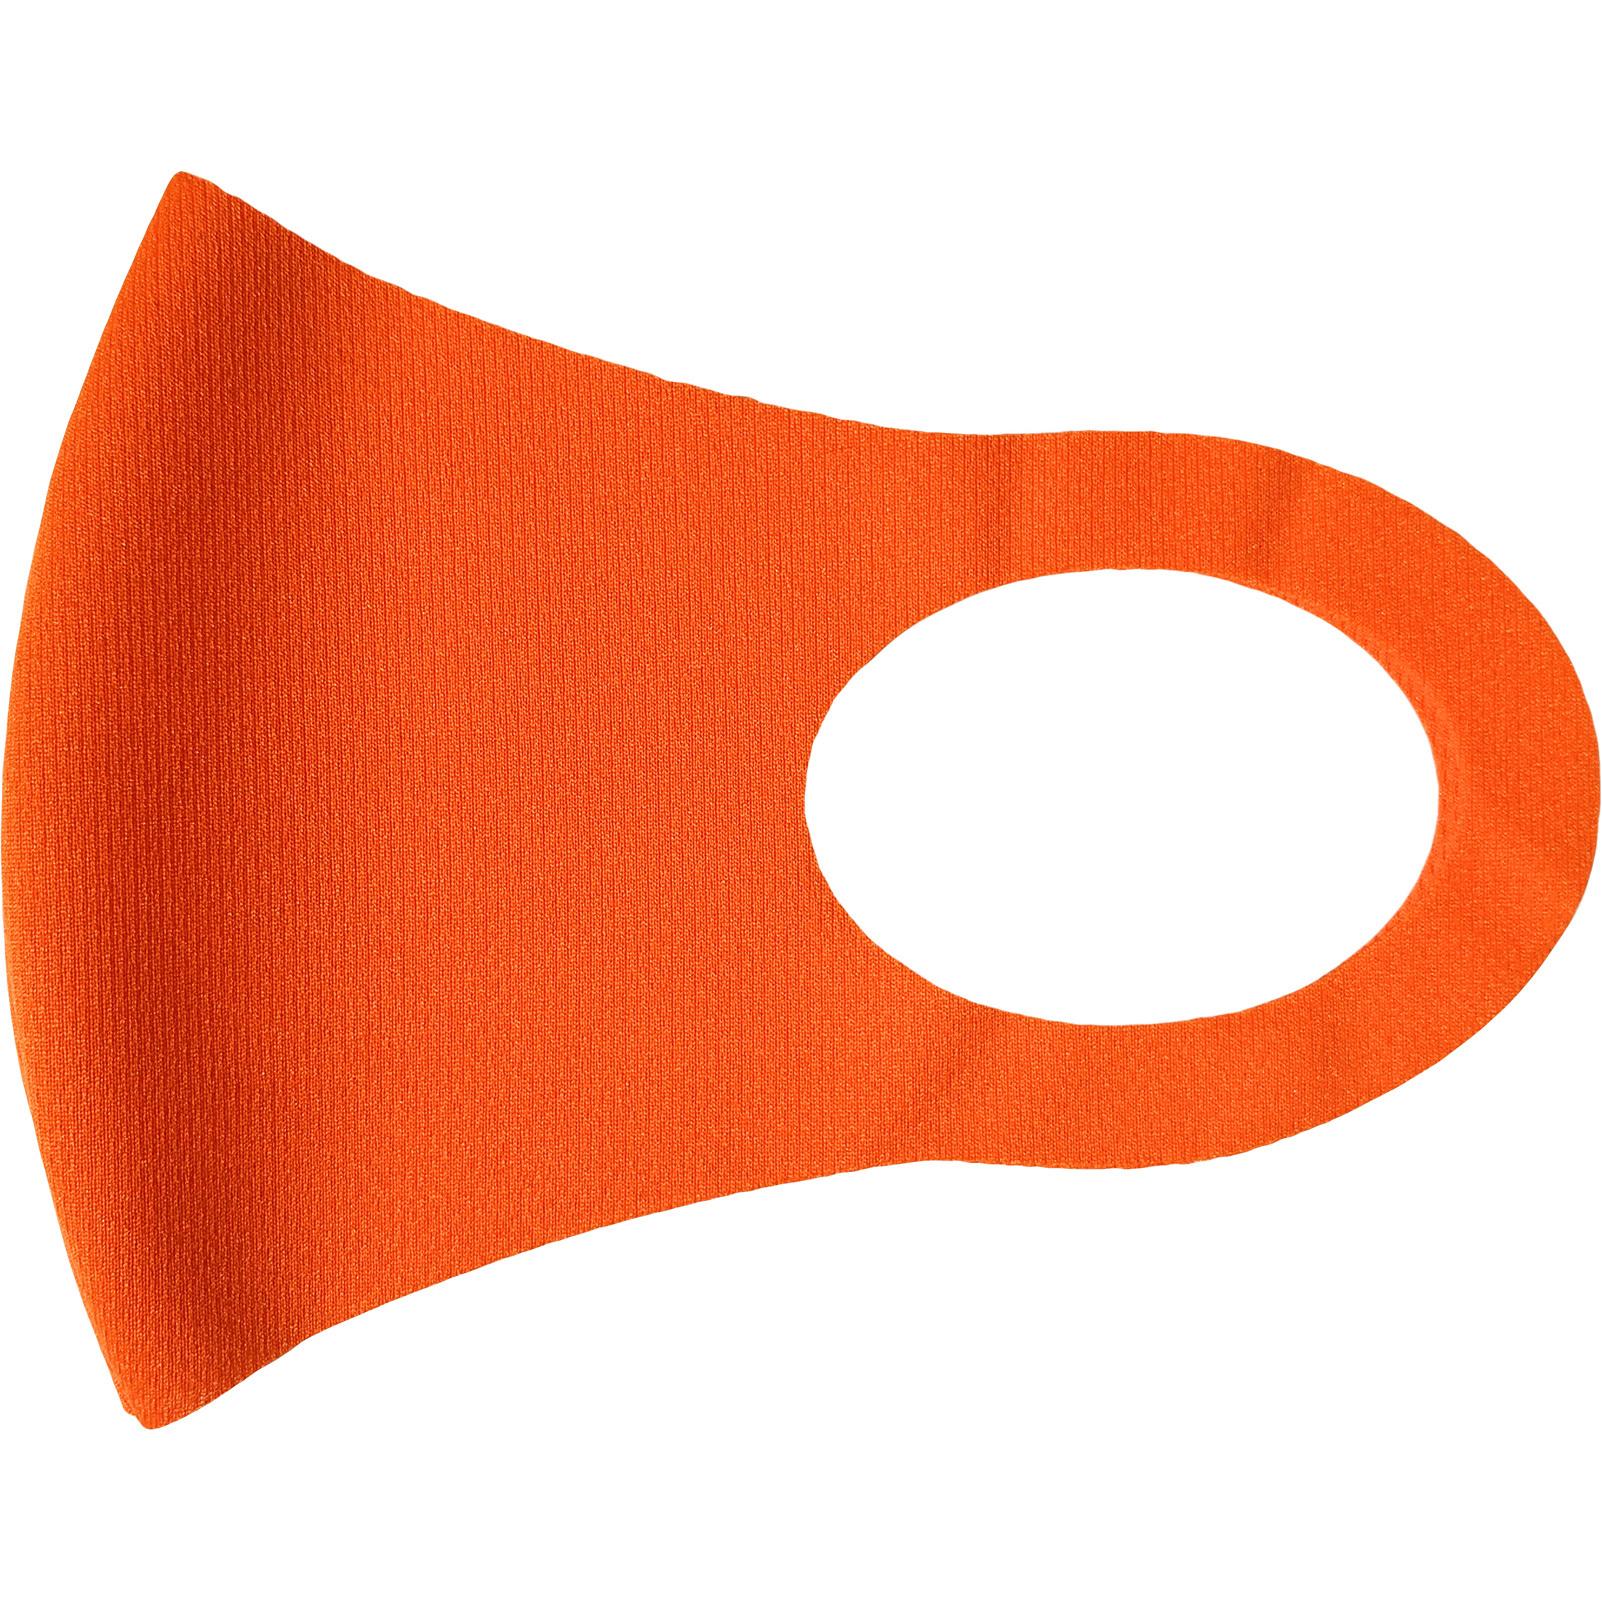 サンセットオレンジ 1セット(2枚入り)